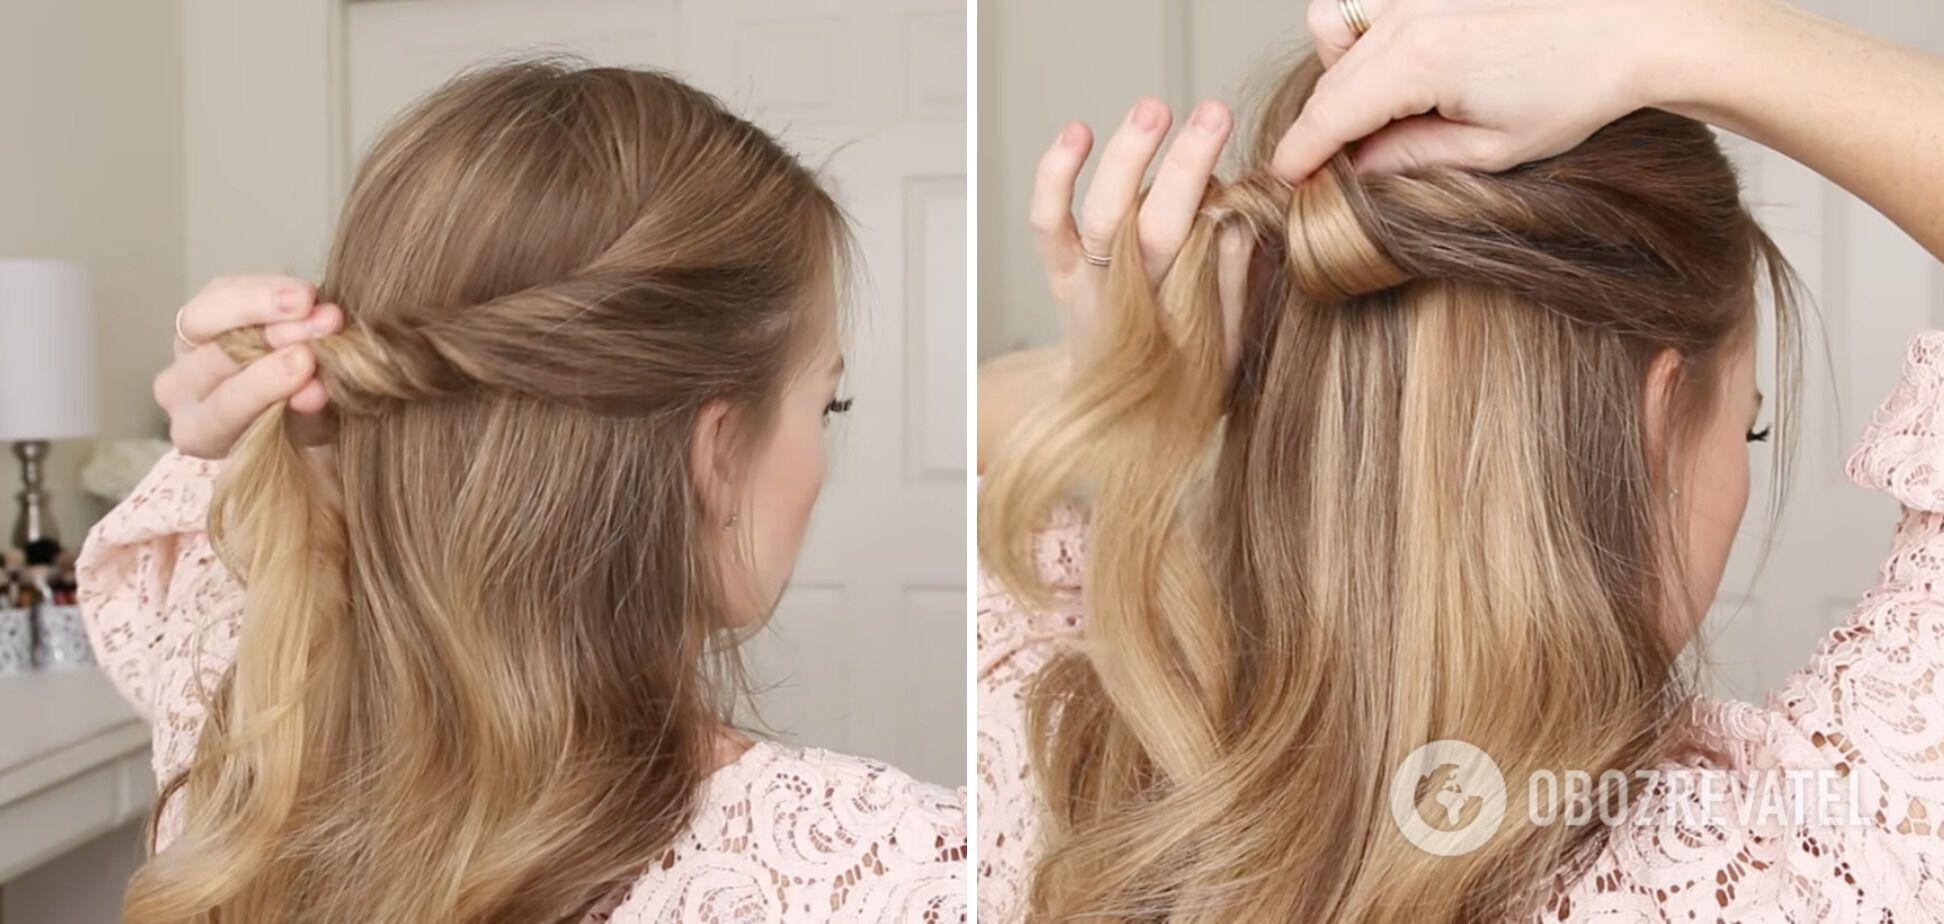 Щоб зробити цю зачіску вам знадобиться кілька хвилин